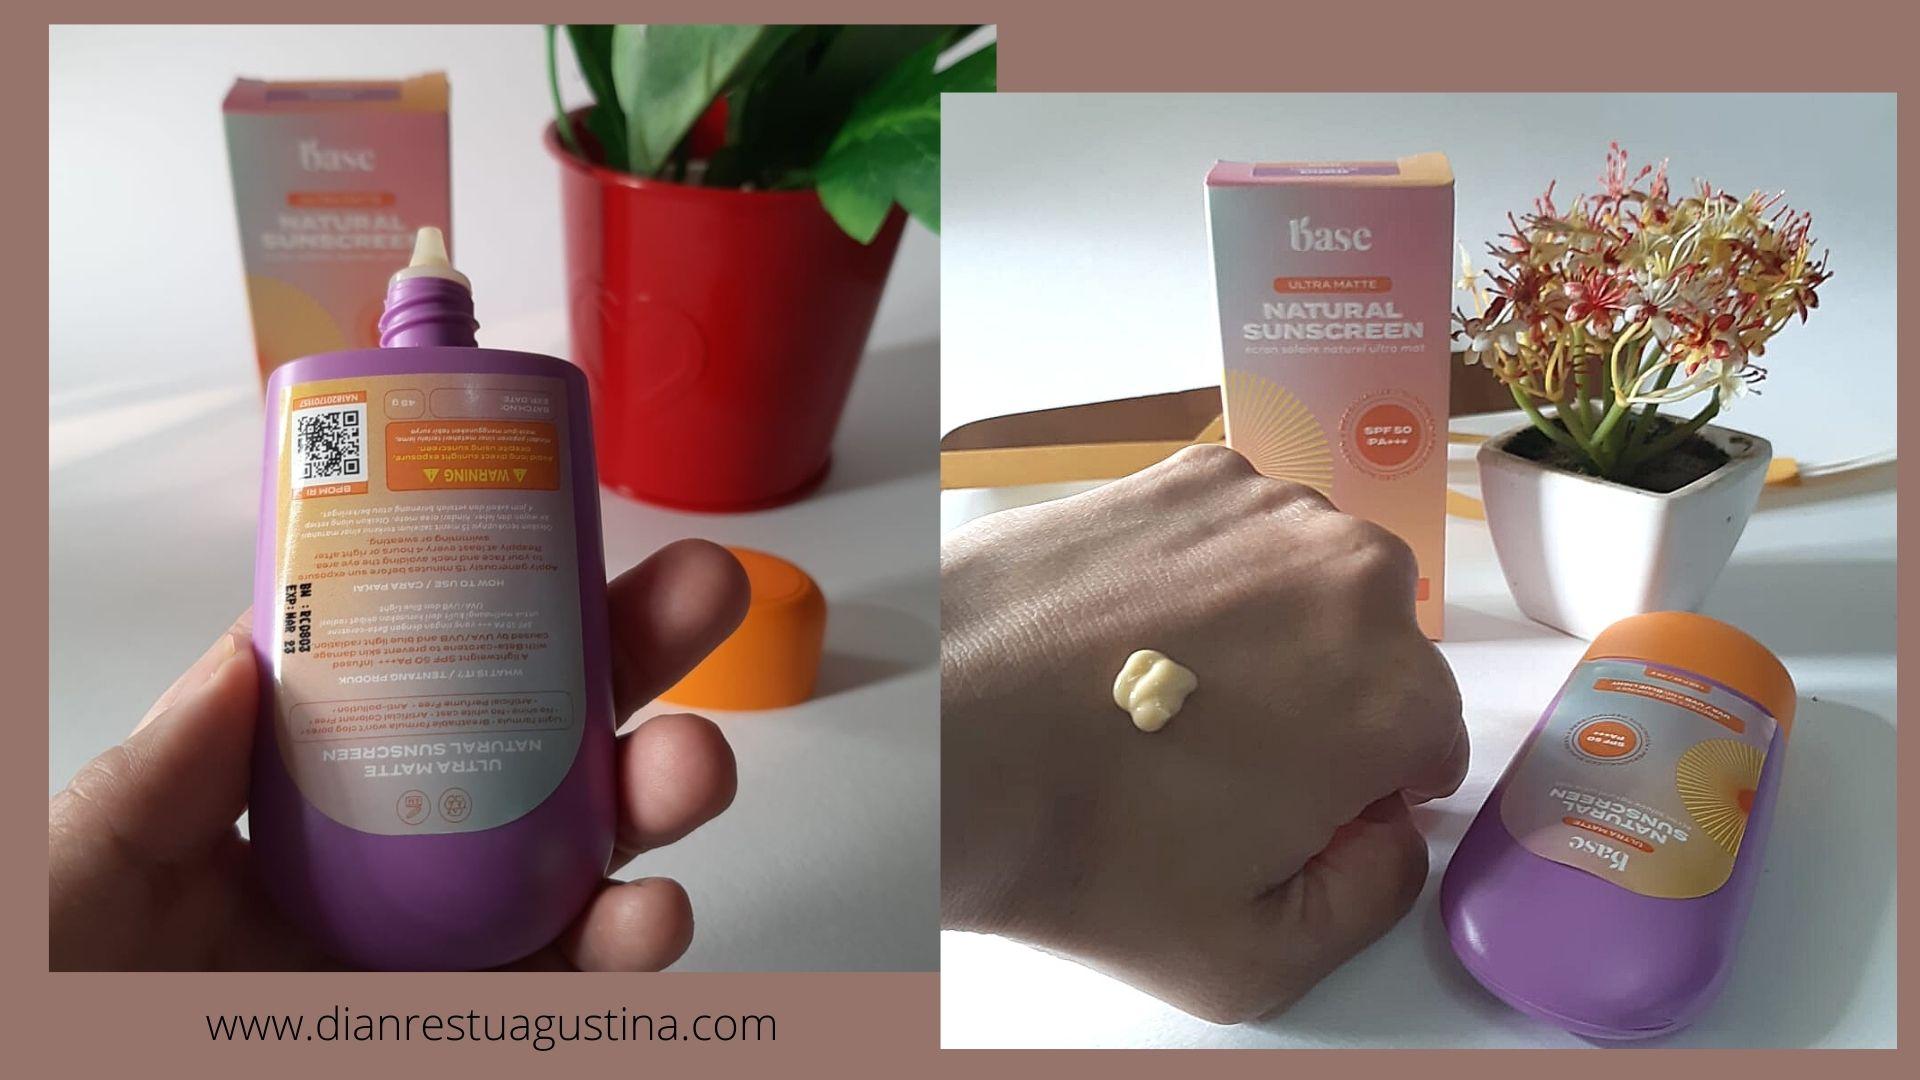 Sunscreen BASE